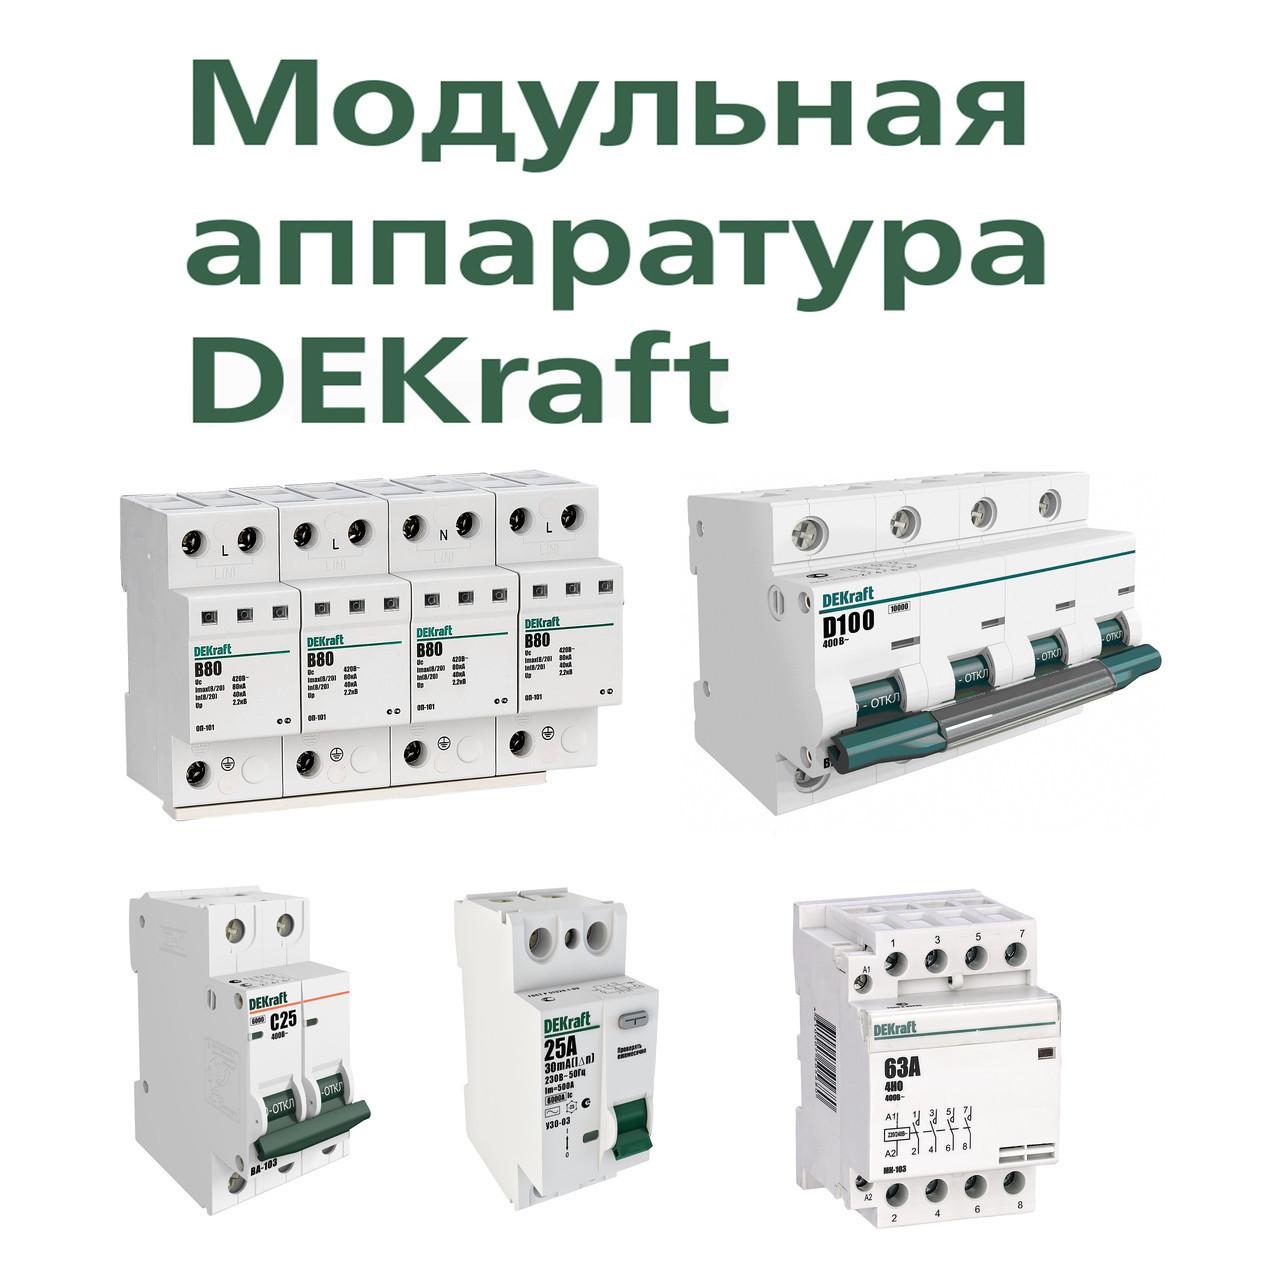 KLOTZ K12LM2E015